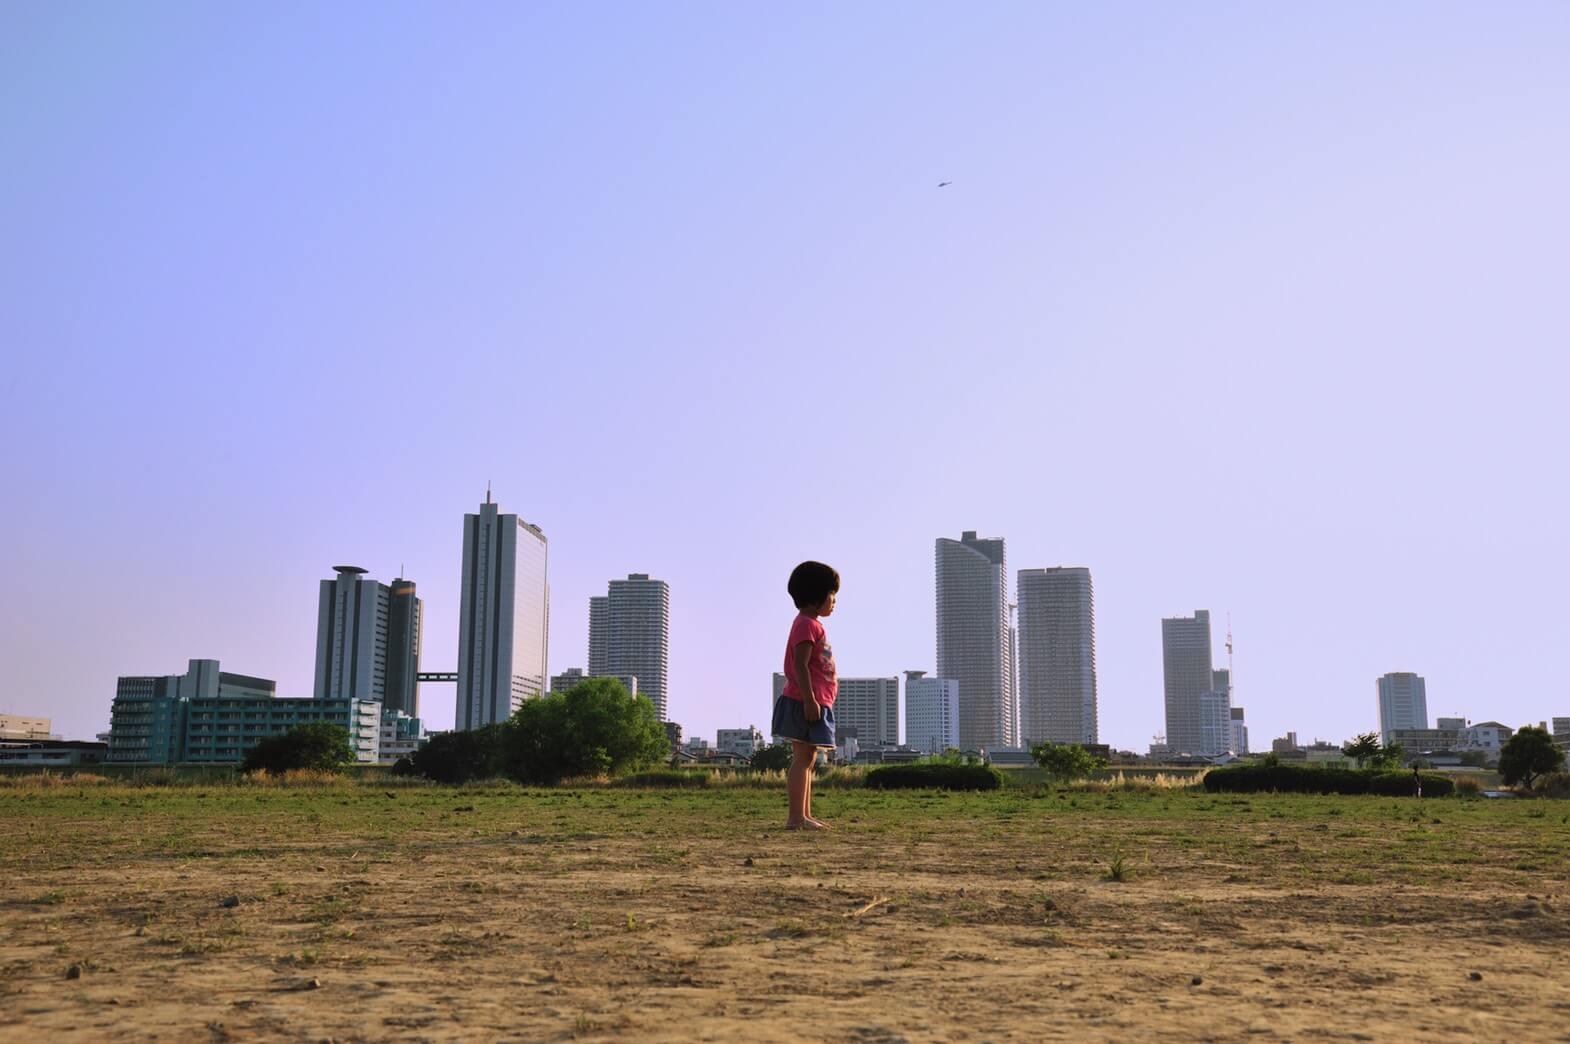 武蔵小杉の高層マンションと背くらべしているような写真